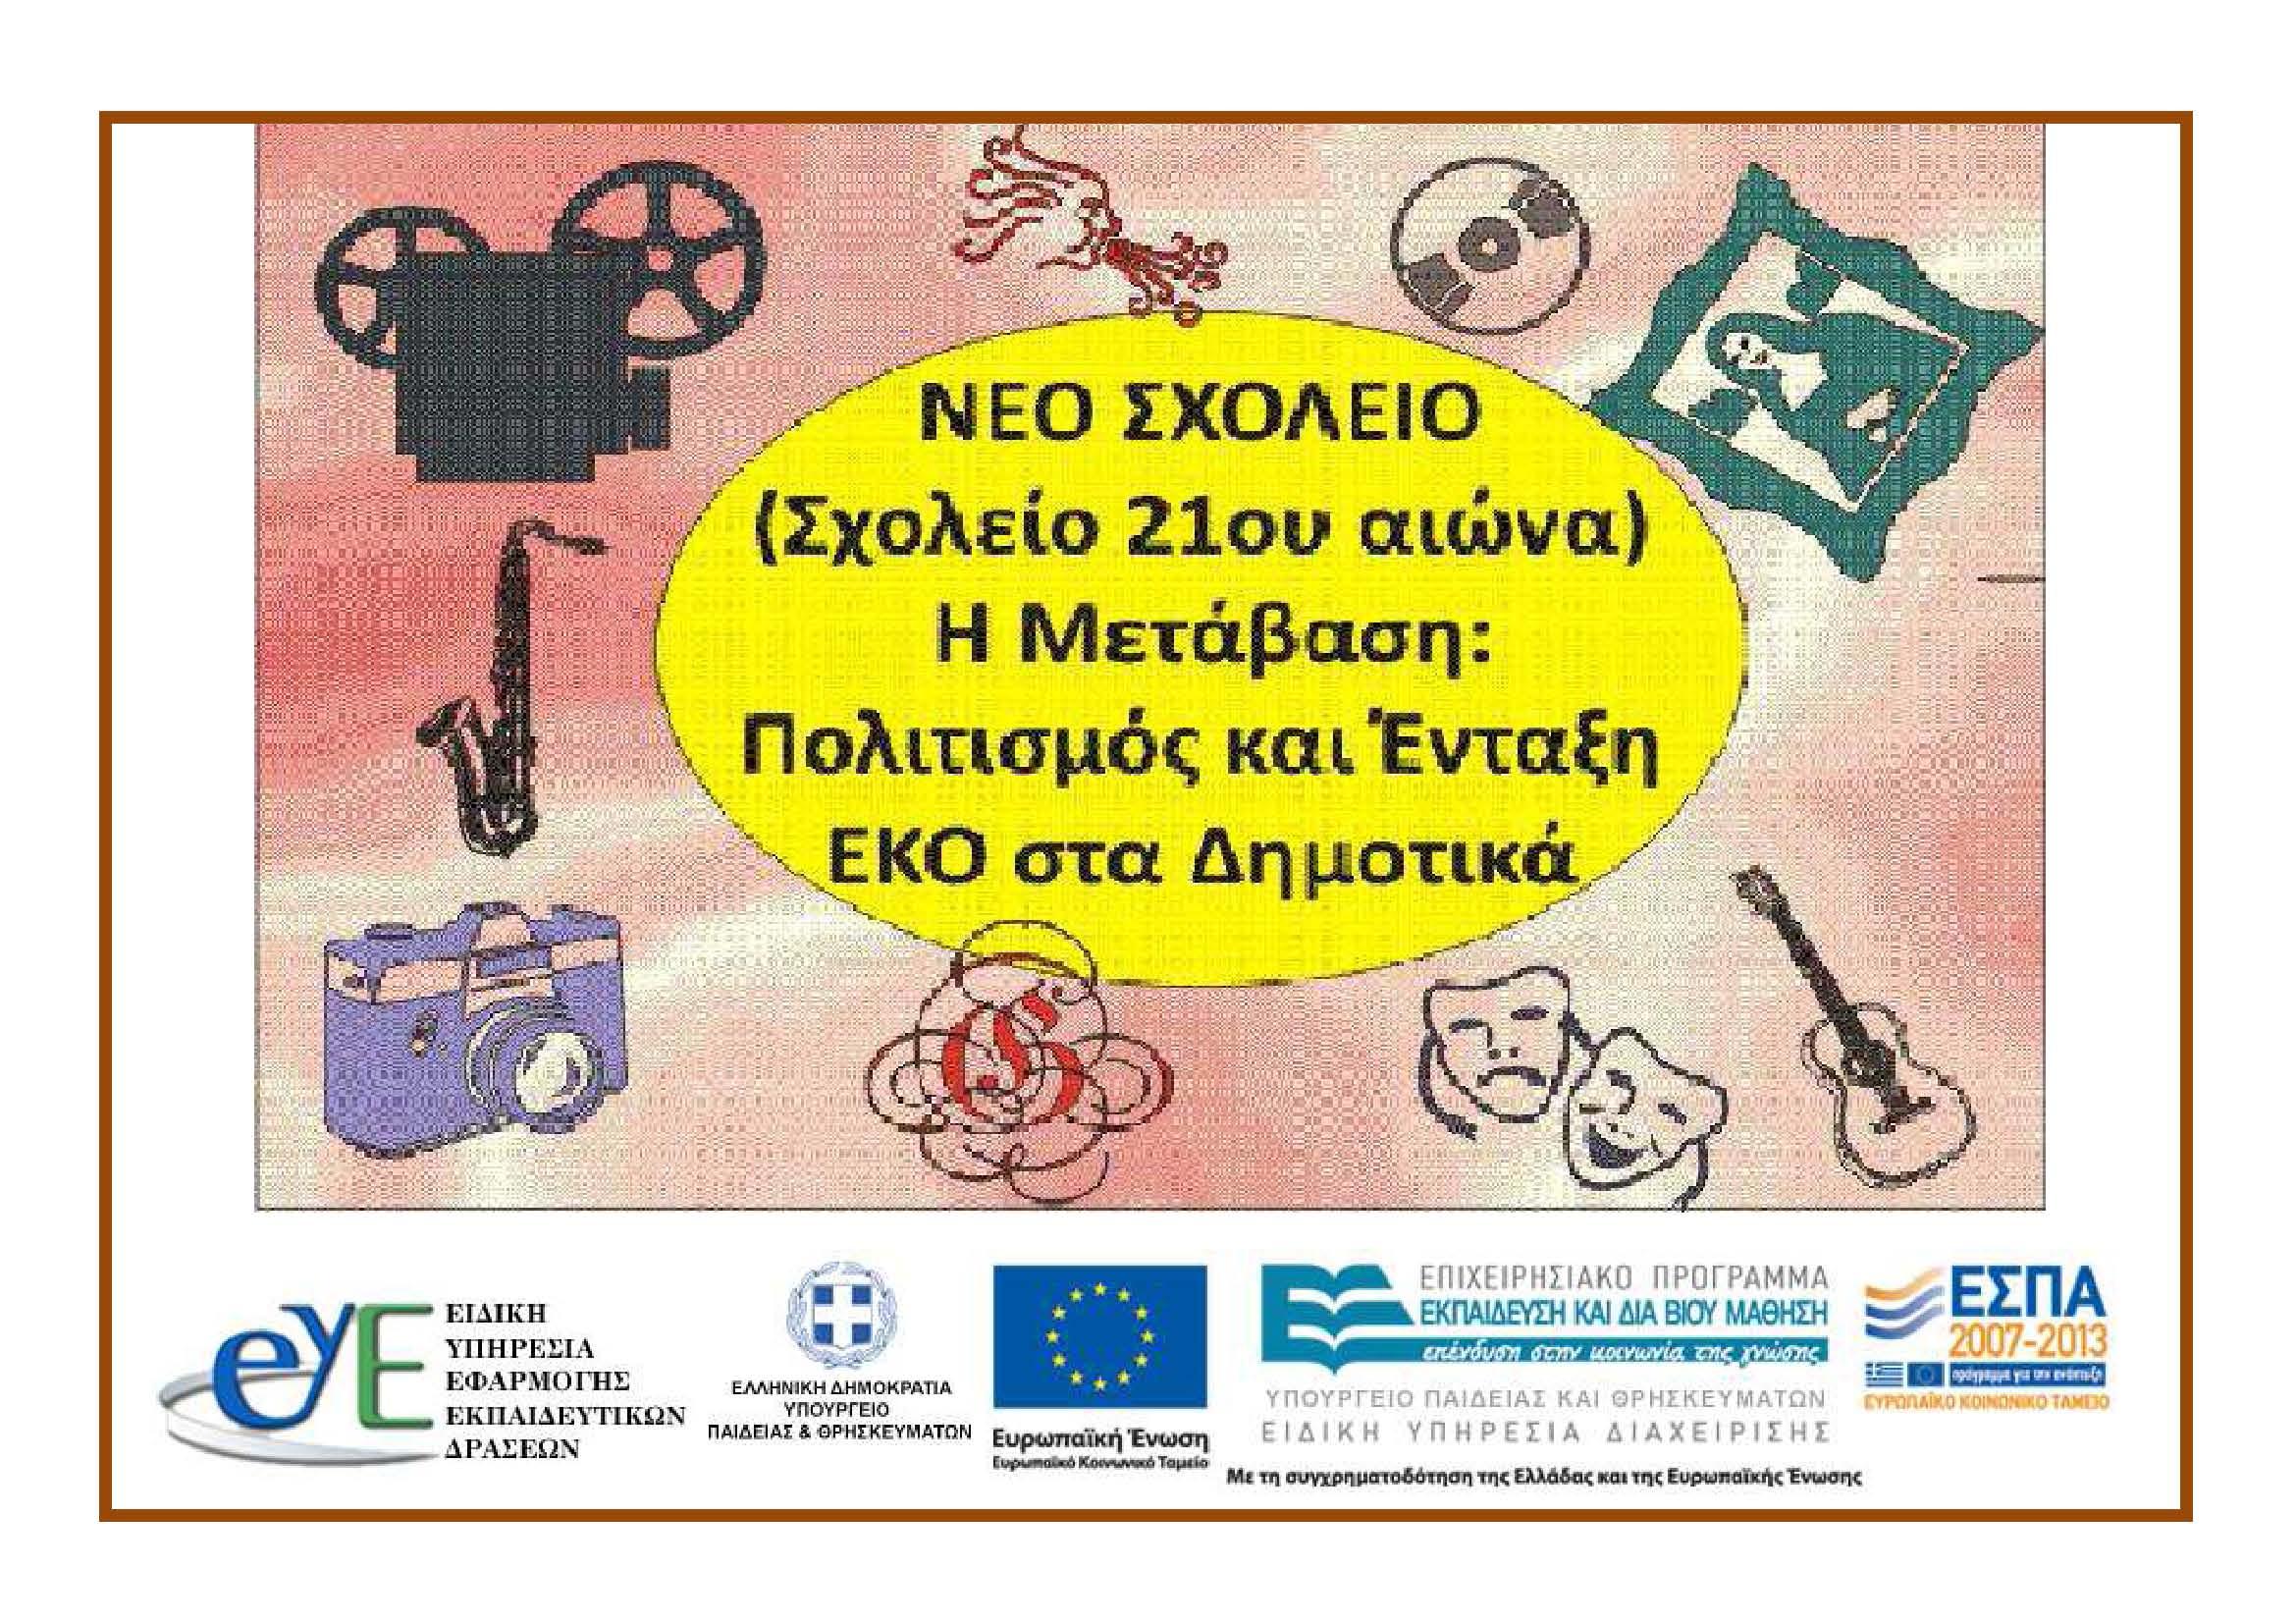 ΝΕΟ_ΣΧΟΛΕΙΟ